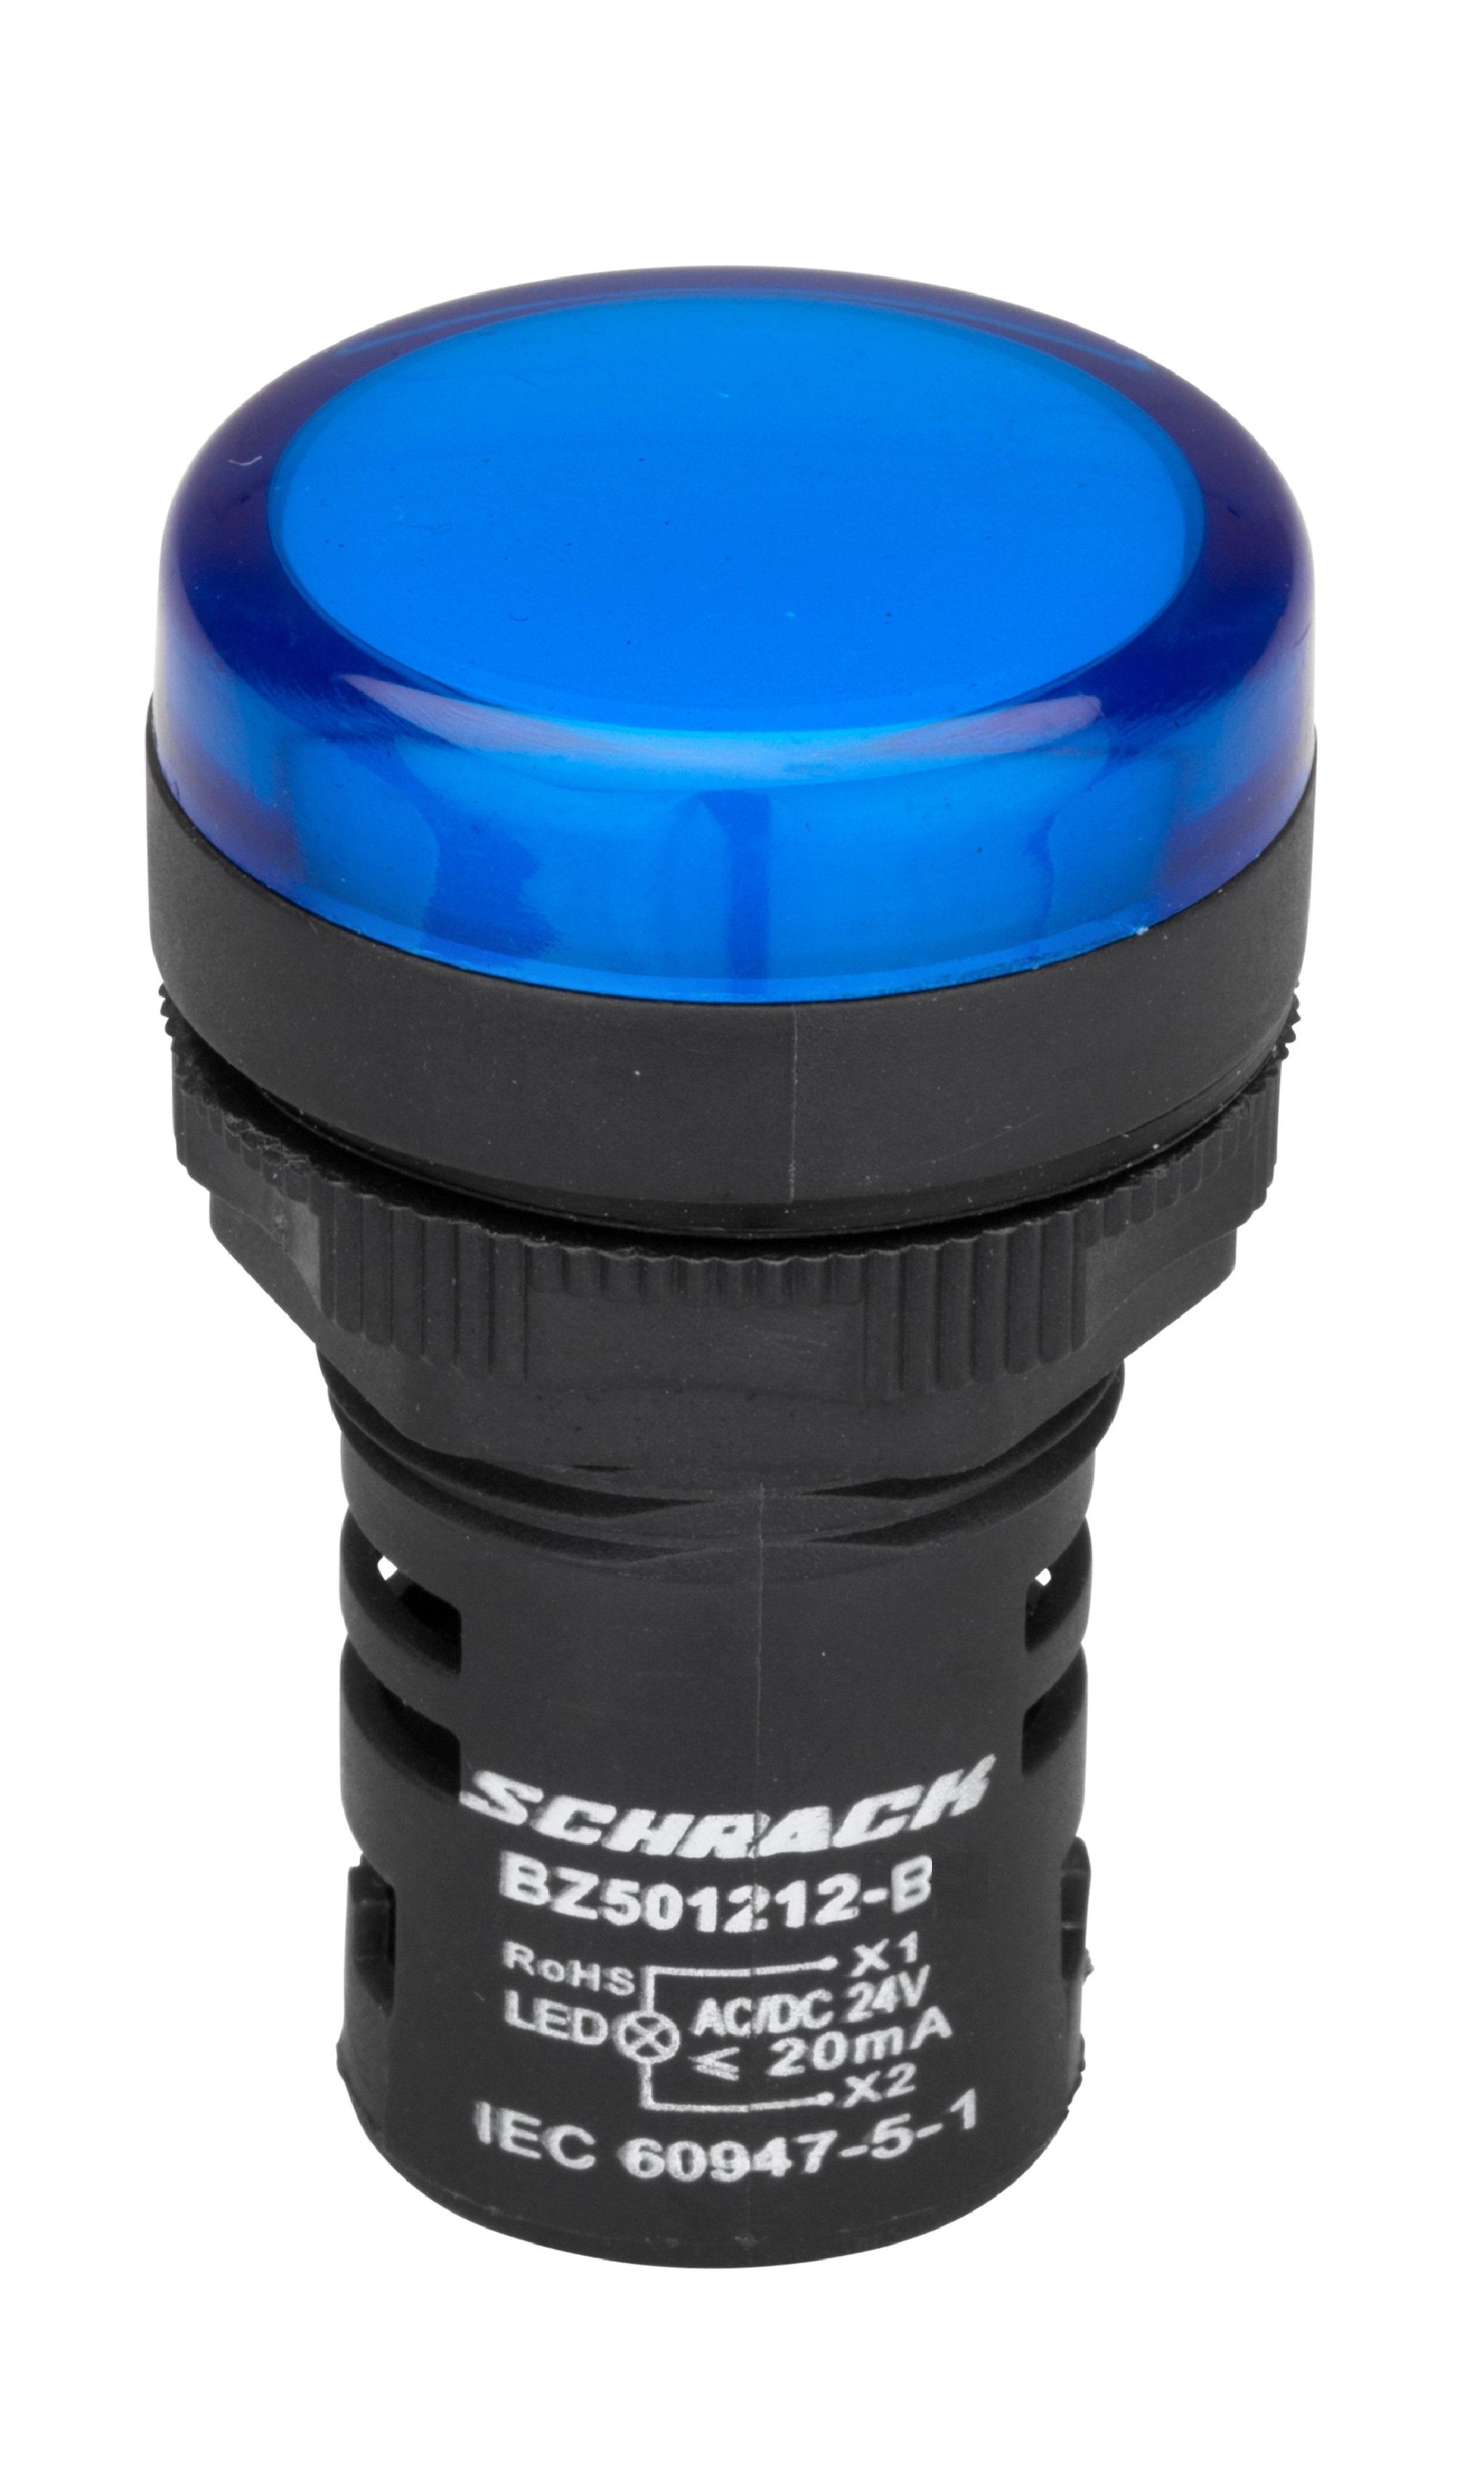 1 Stk LED-Leuchtmelder Monoblock 24V-AC/DC blau BZ501212-B